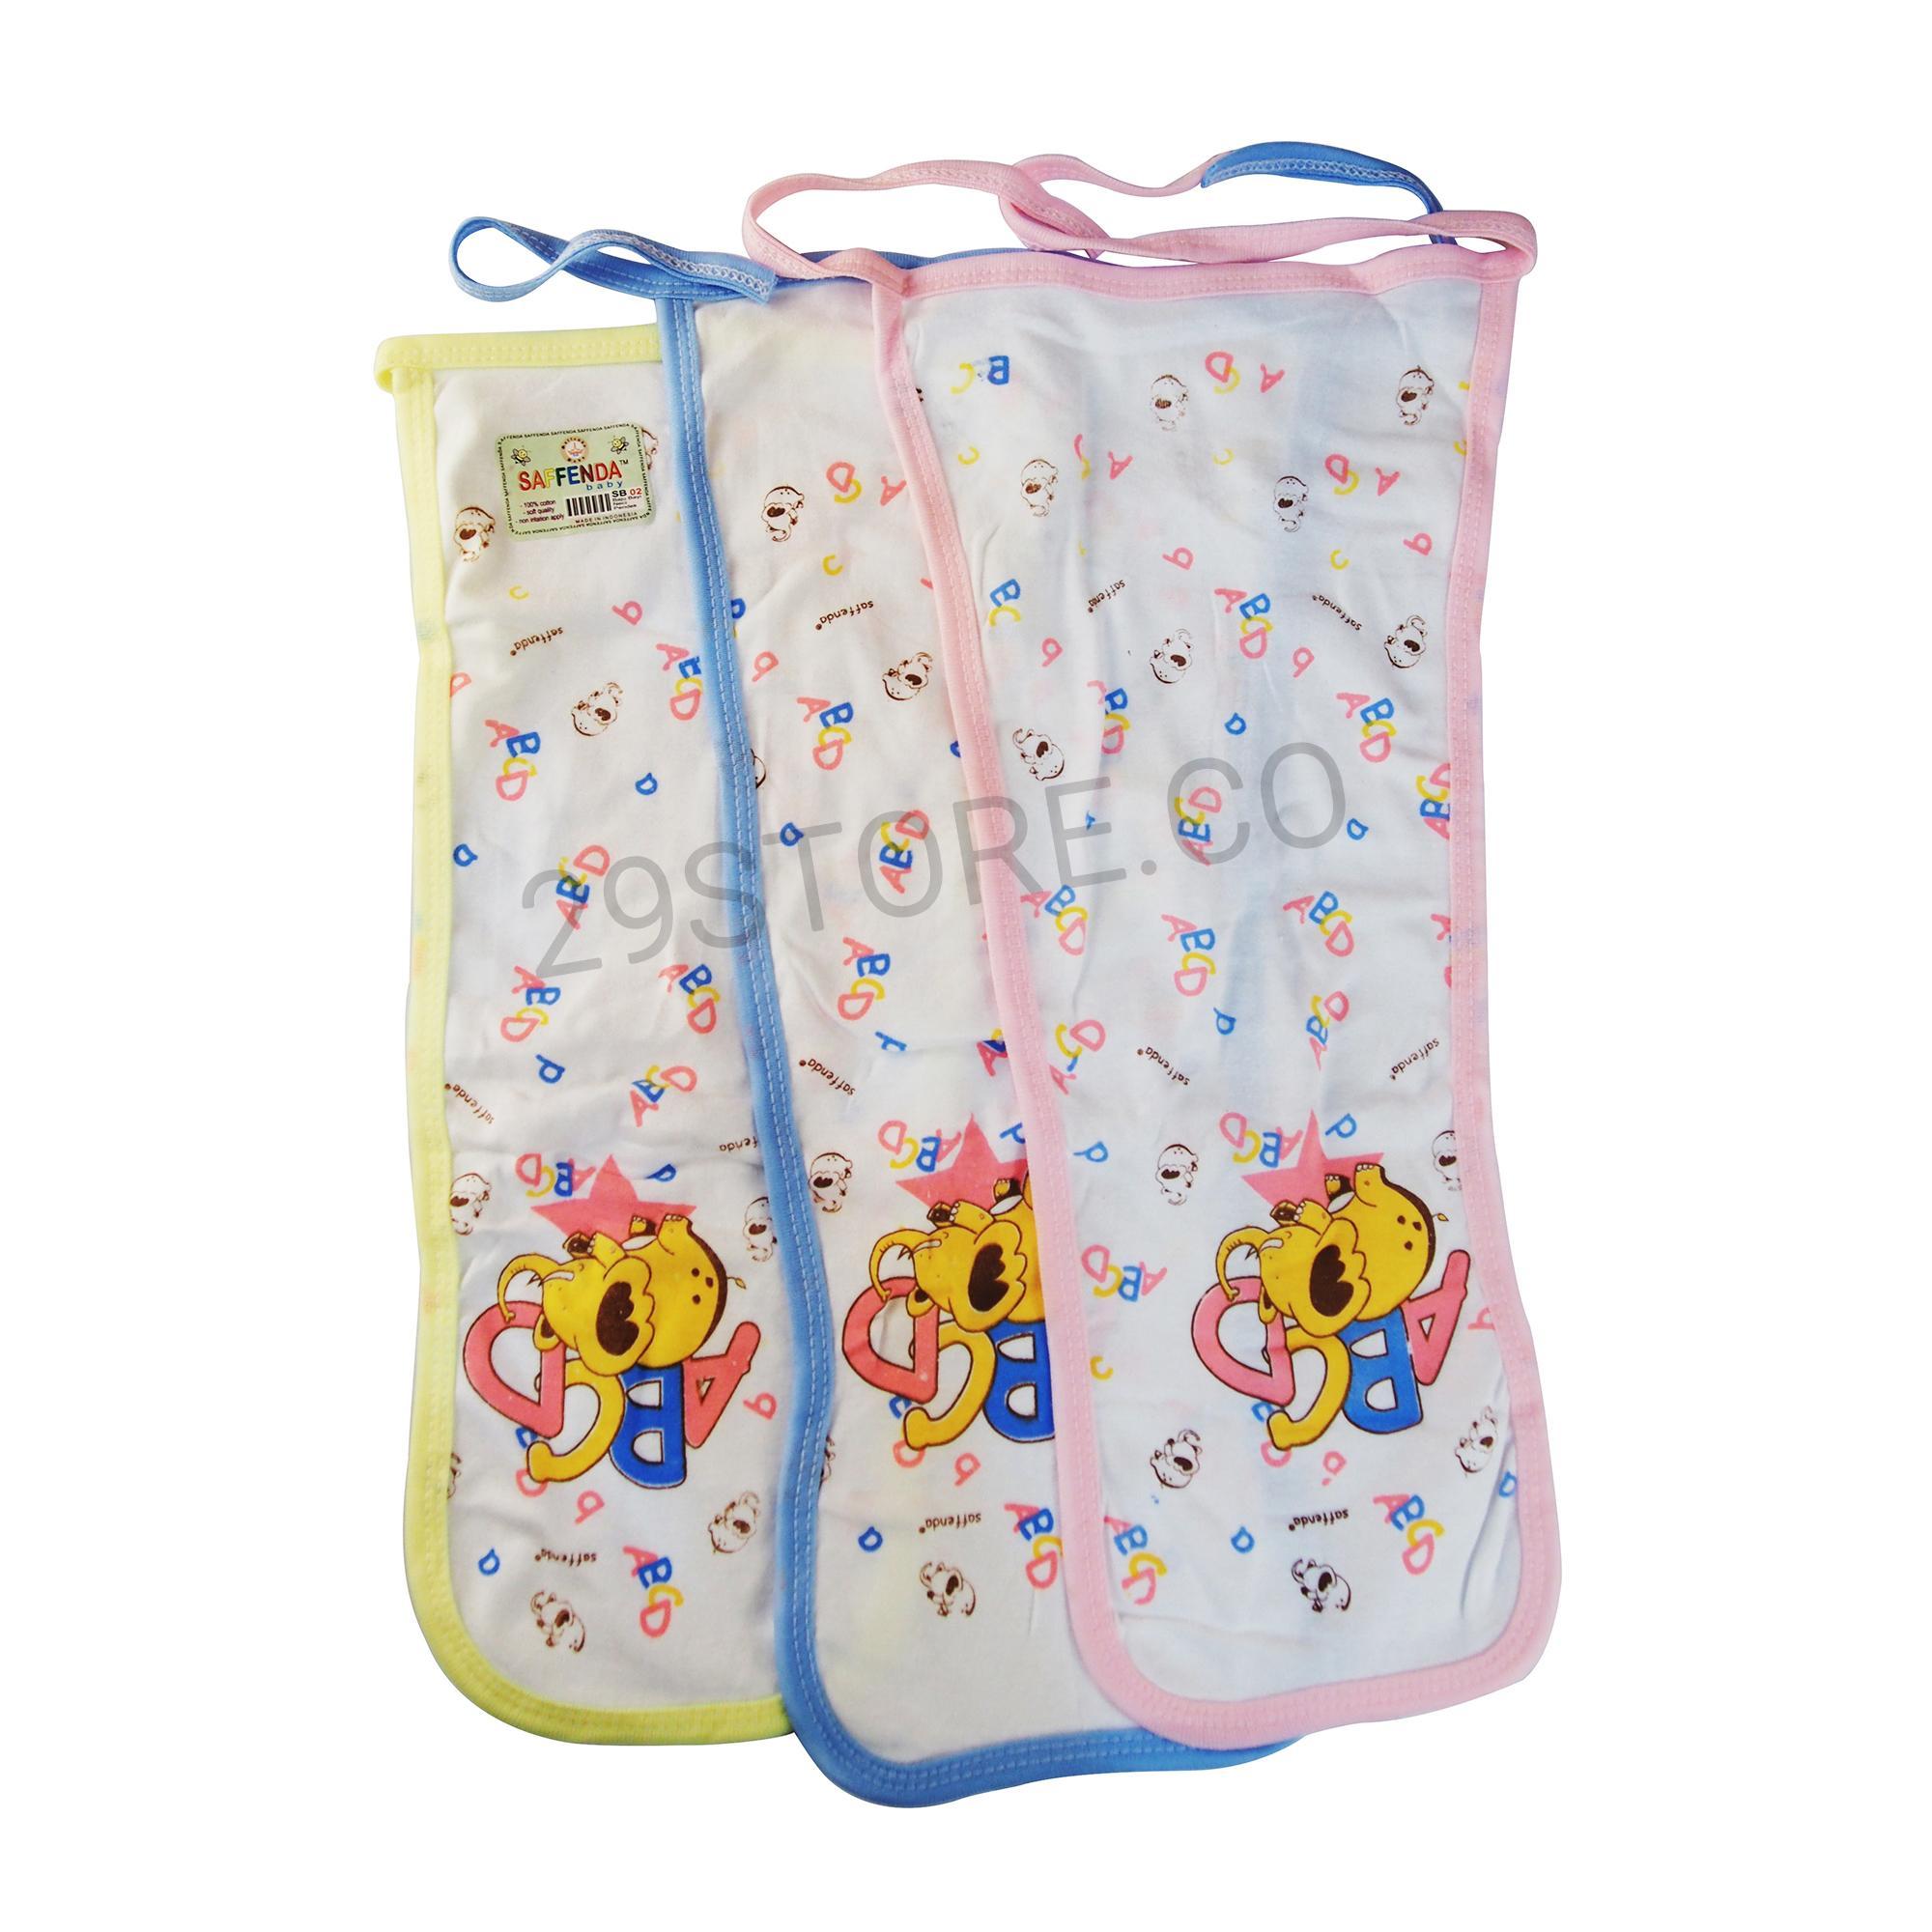 Popok Bayi Aksesoris Terlengkap Underpad Baby Perlak 12 Pcs Kain Tali Newborn Motif Murah